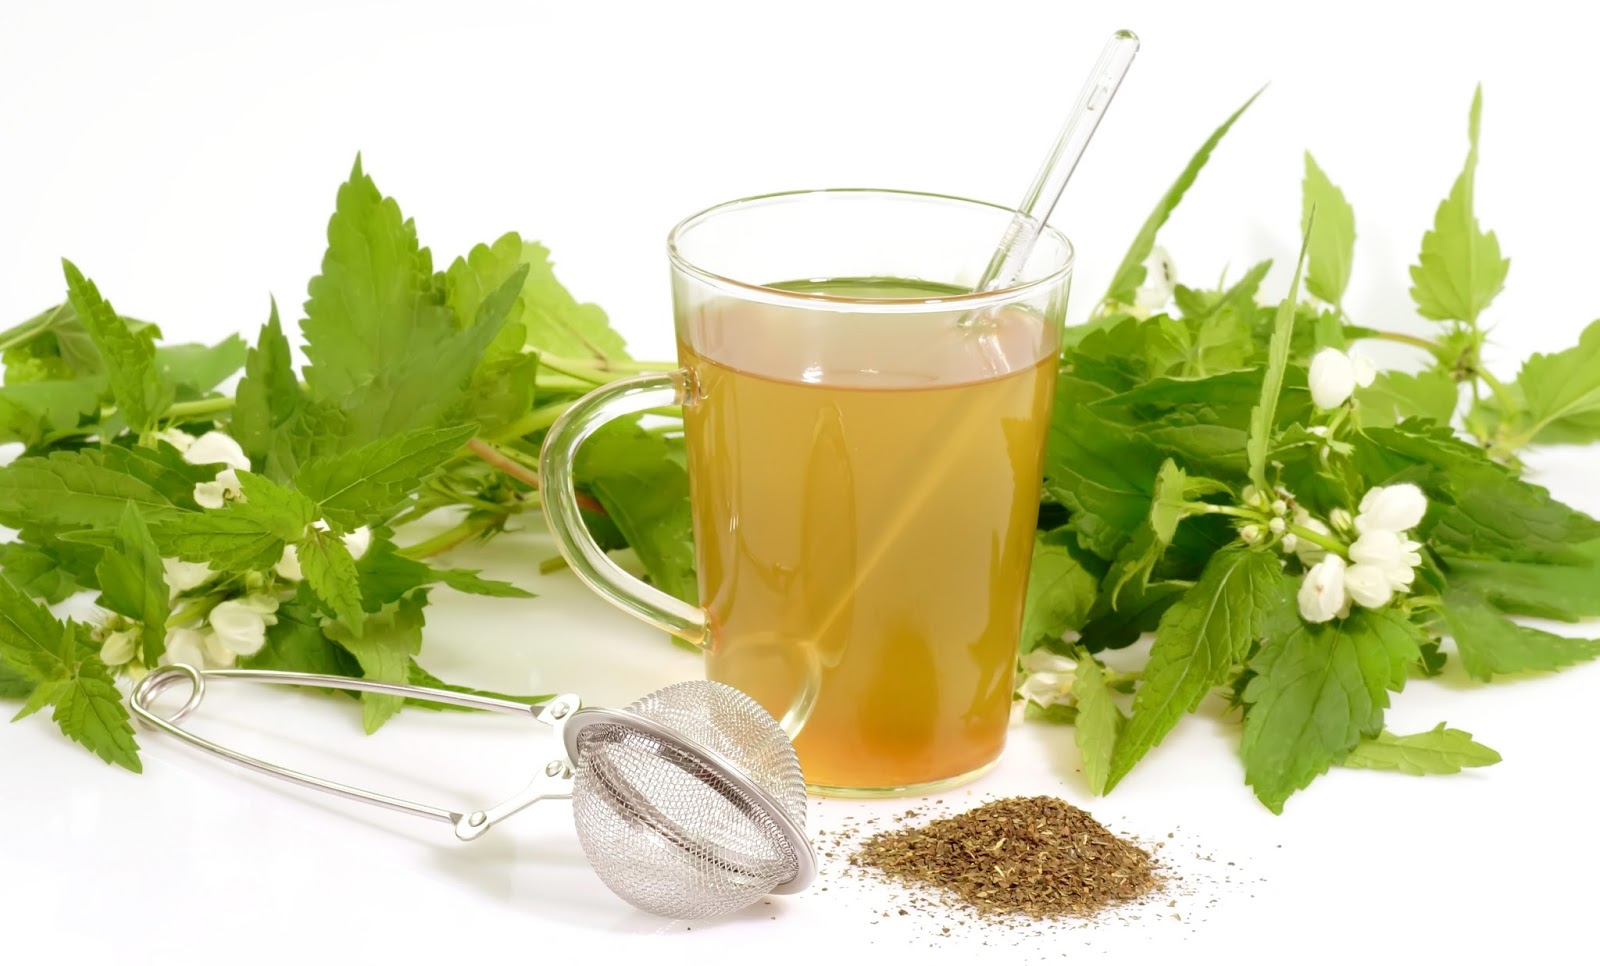 Монастырский чай для похудения: состав, пропорции трав